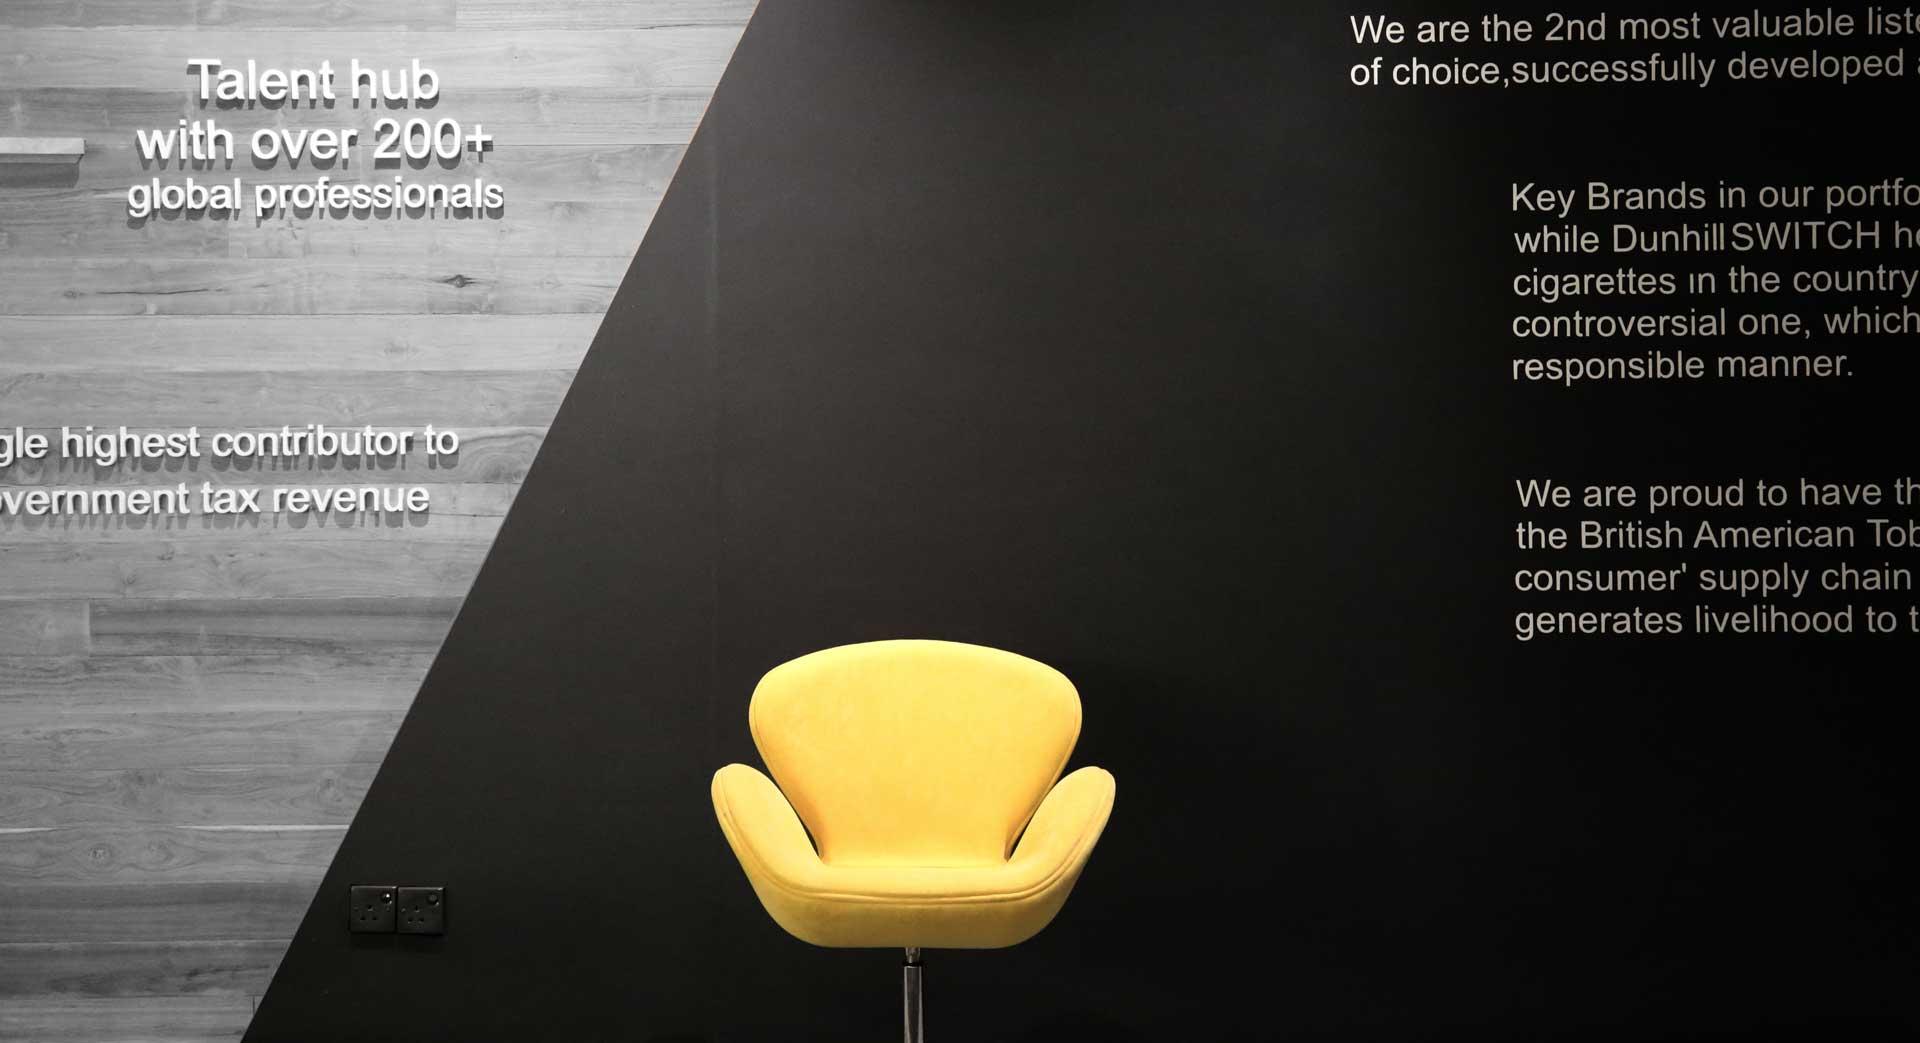 Ceylon Tobacco Company Image 04| Corporate Interior Design